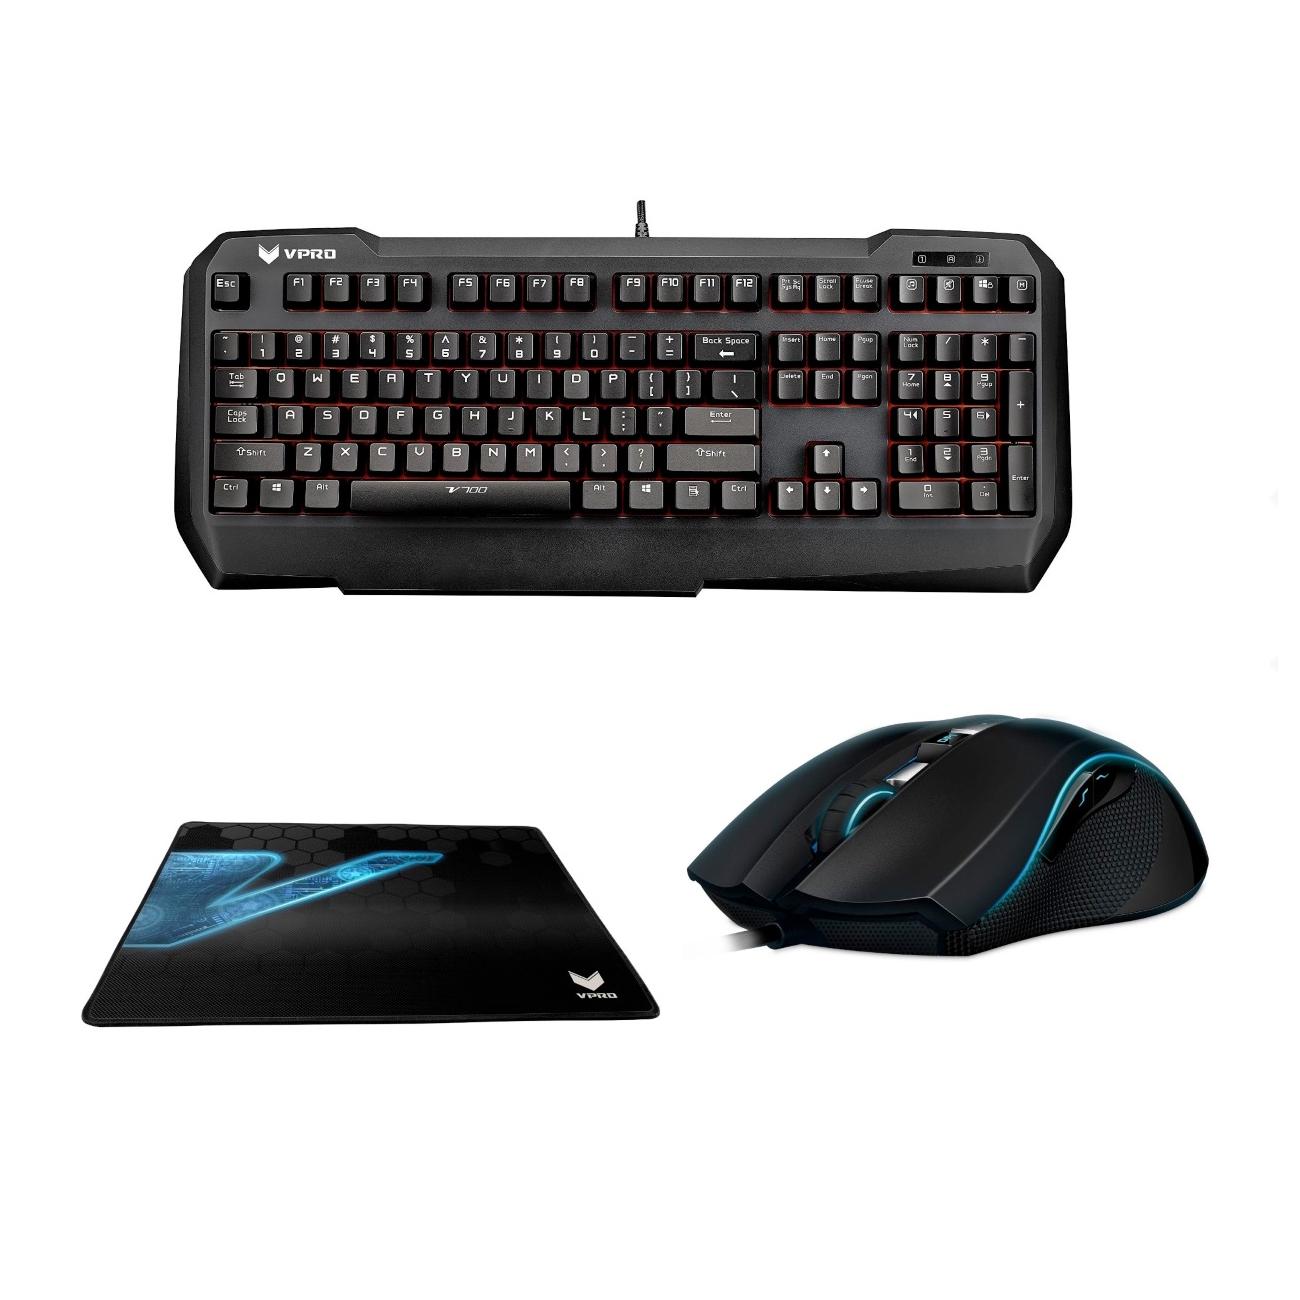 rapoo vpro bundle v700 mechanische tastatur v900 laser maus und v1000 mauspad f r 71 99. Black Bedroom Furniture Sets. Home Design Ideas